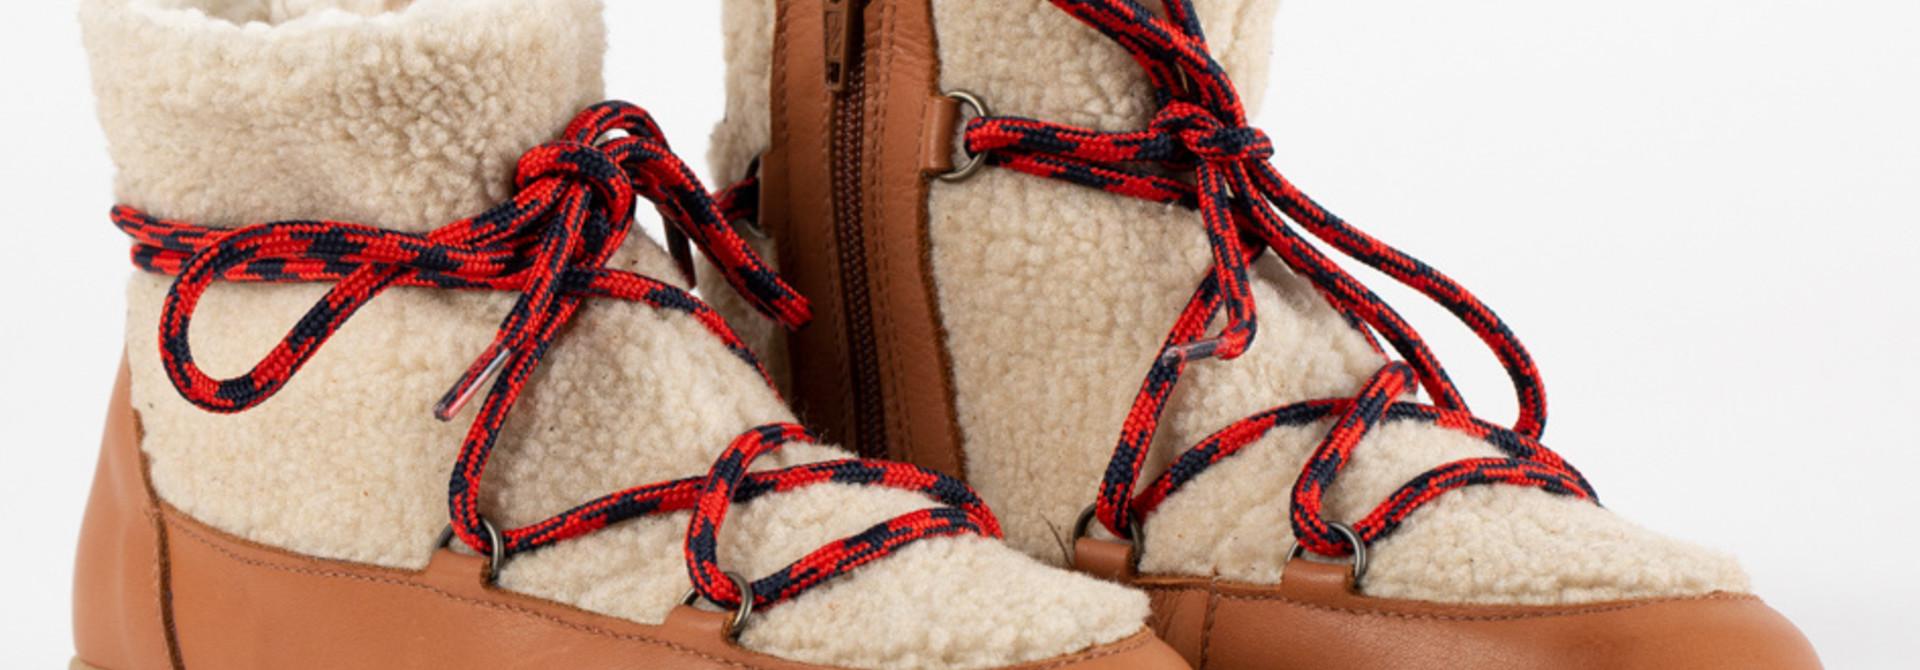 Skimo Leather